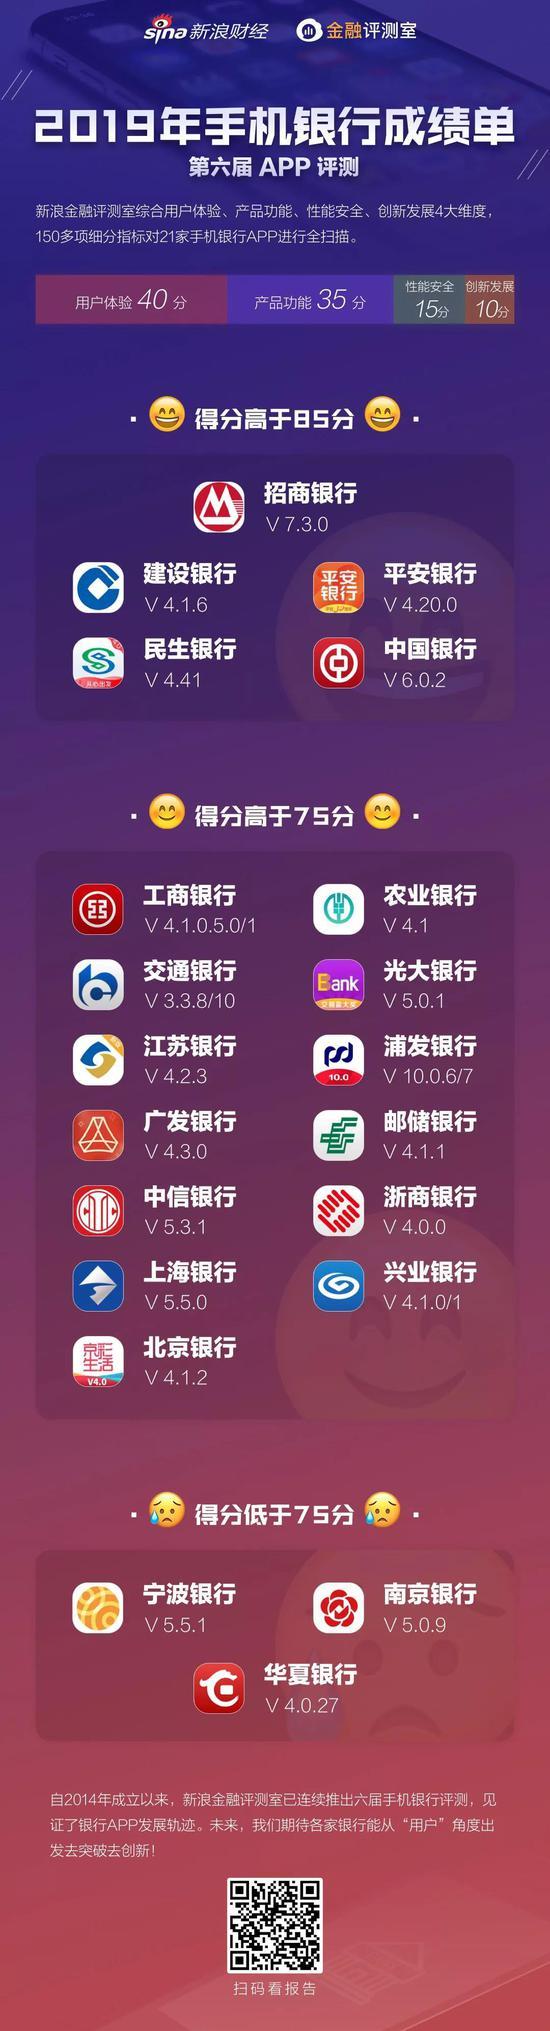 2019年手机银行APP成绩单,请查收!